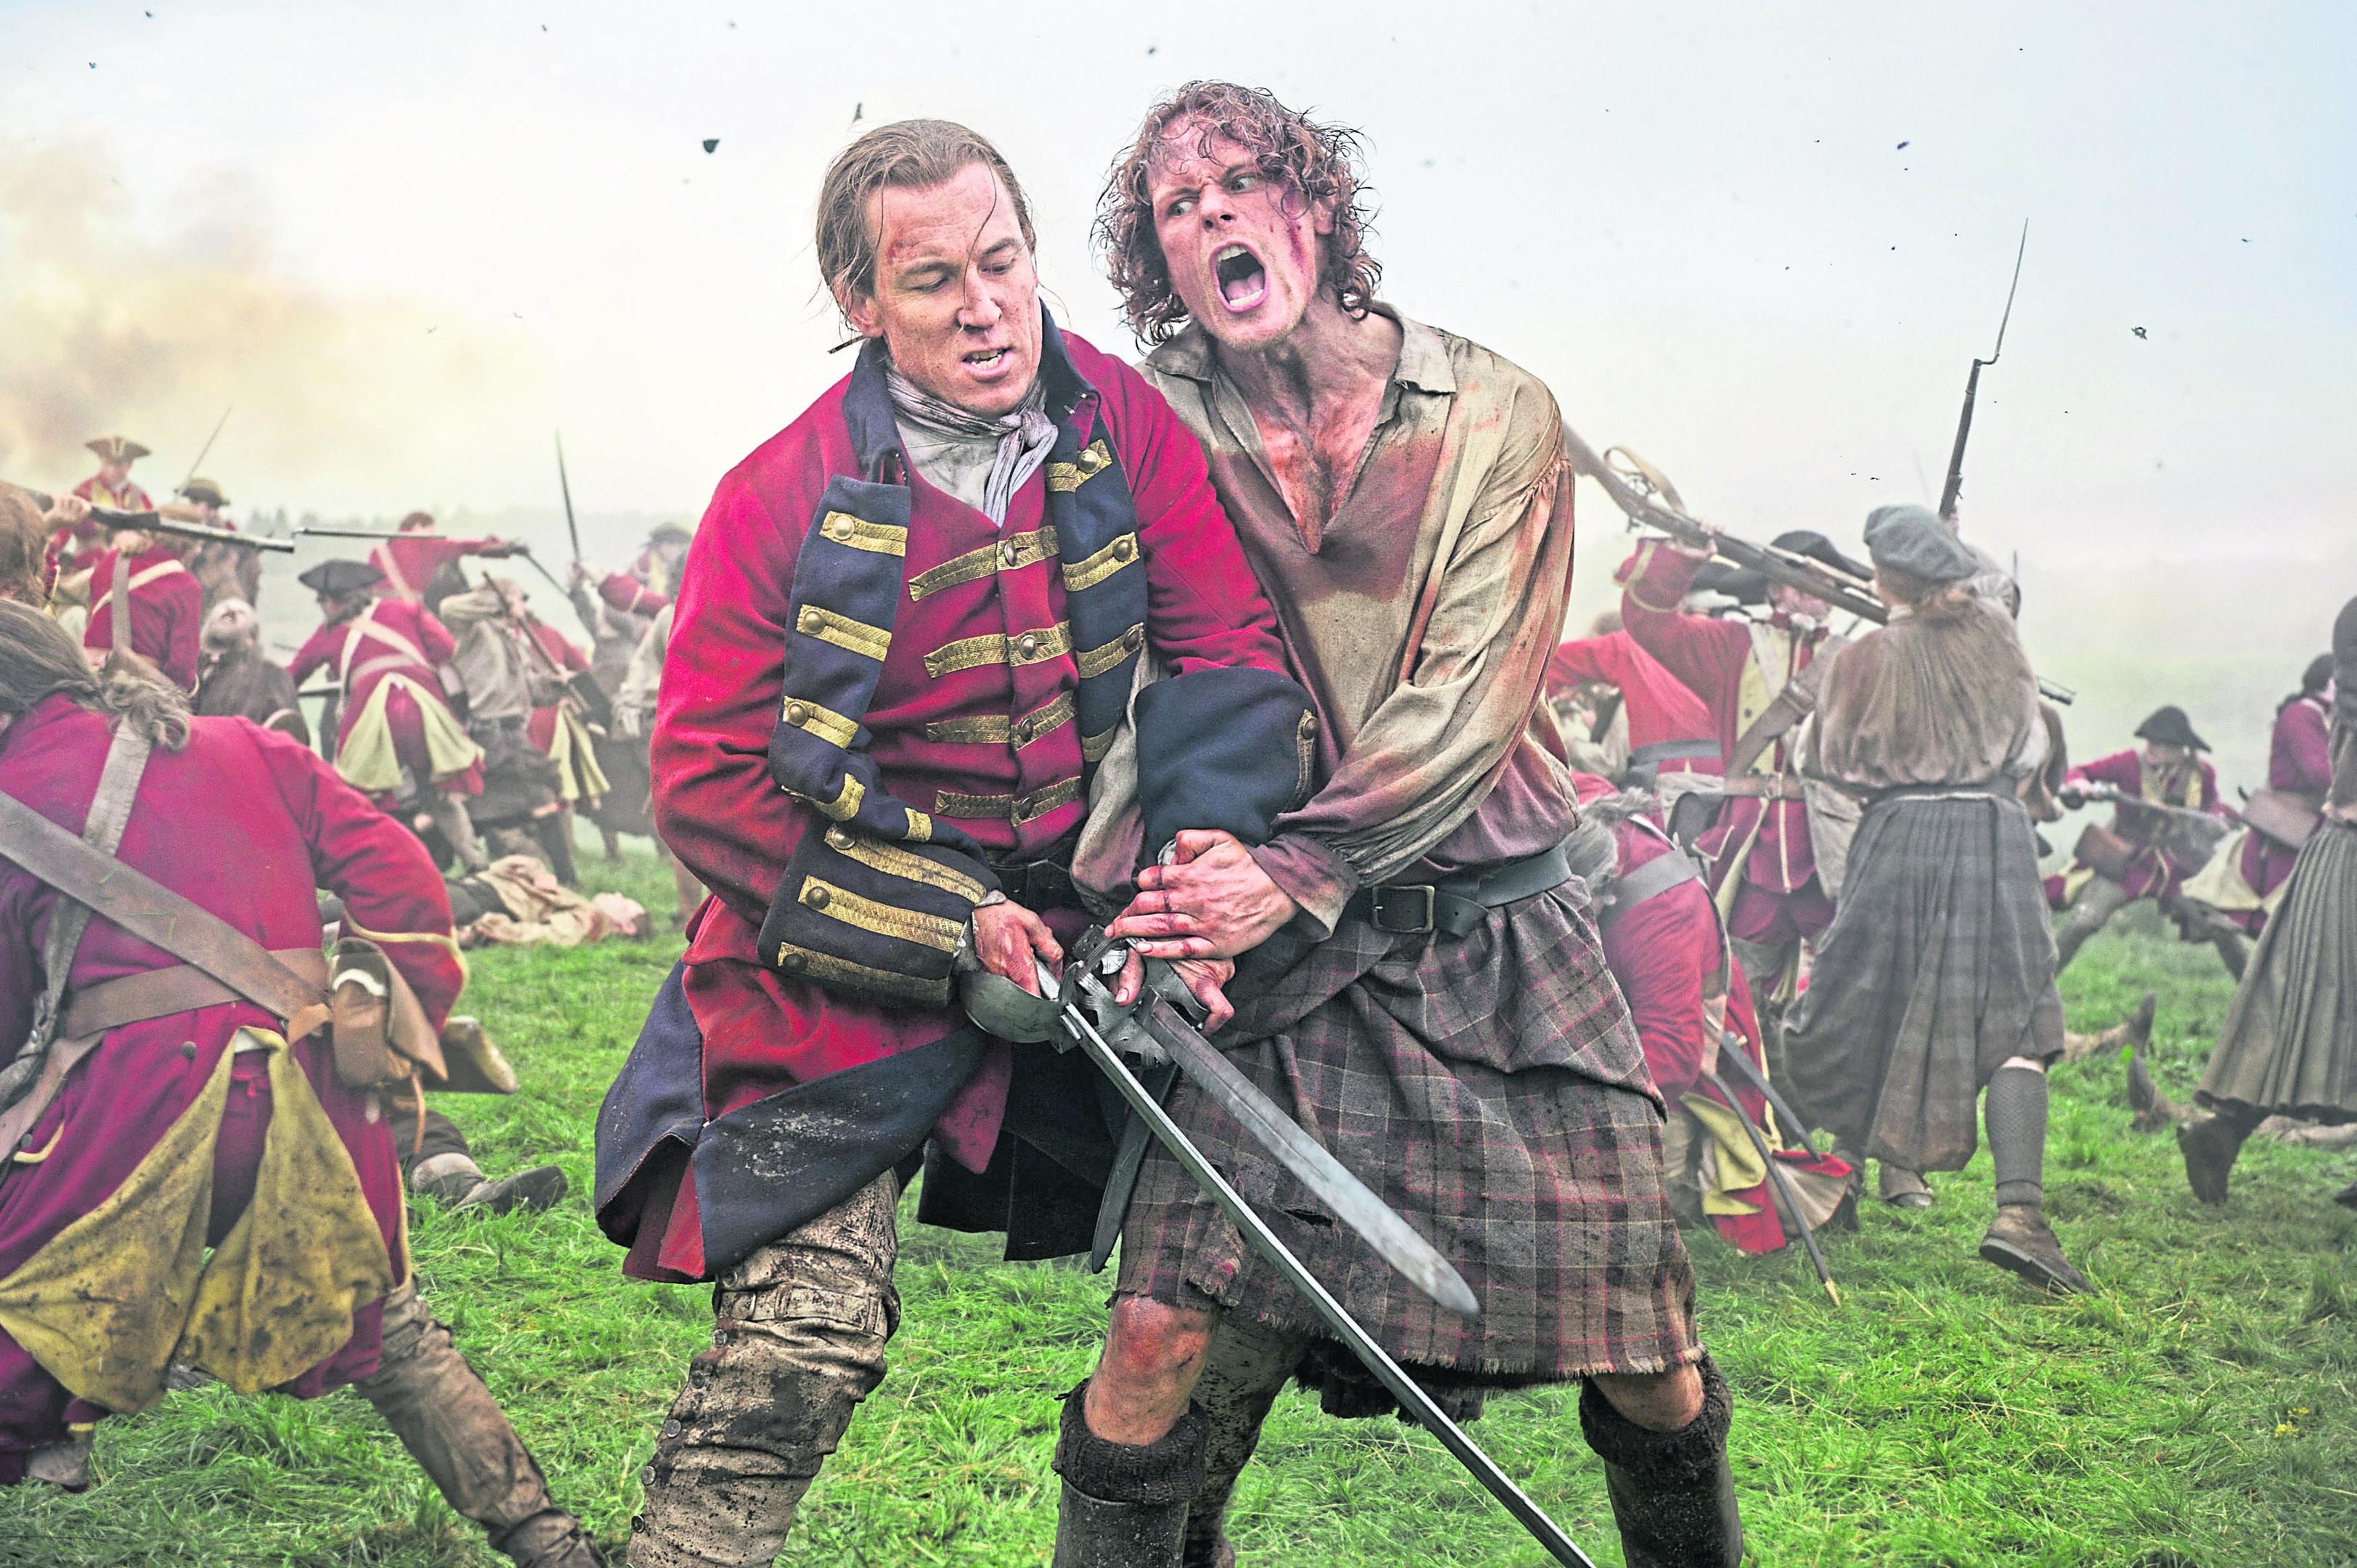 Tobias Menzies as Jack Randall and Sam Heughan as Jamie Fraser in Outlander.